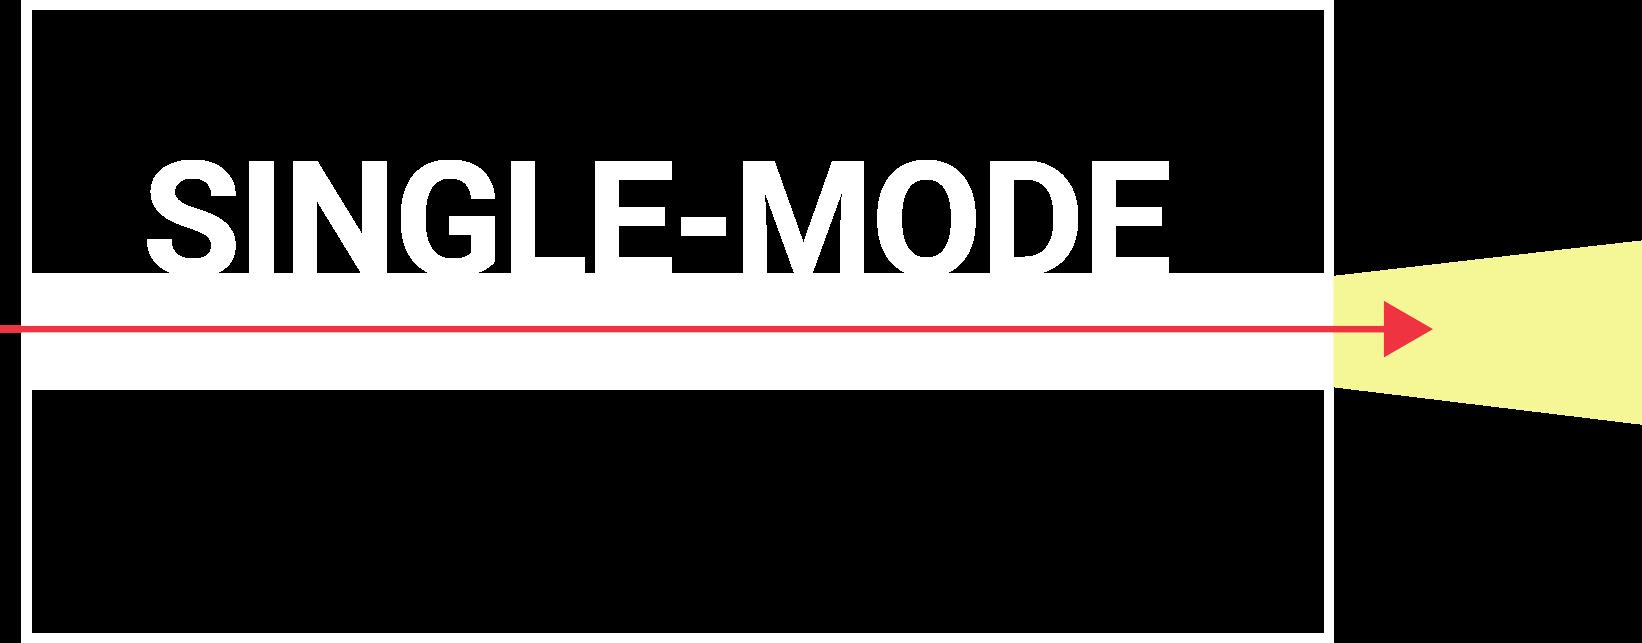 Single-mode header white